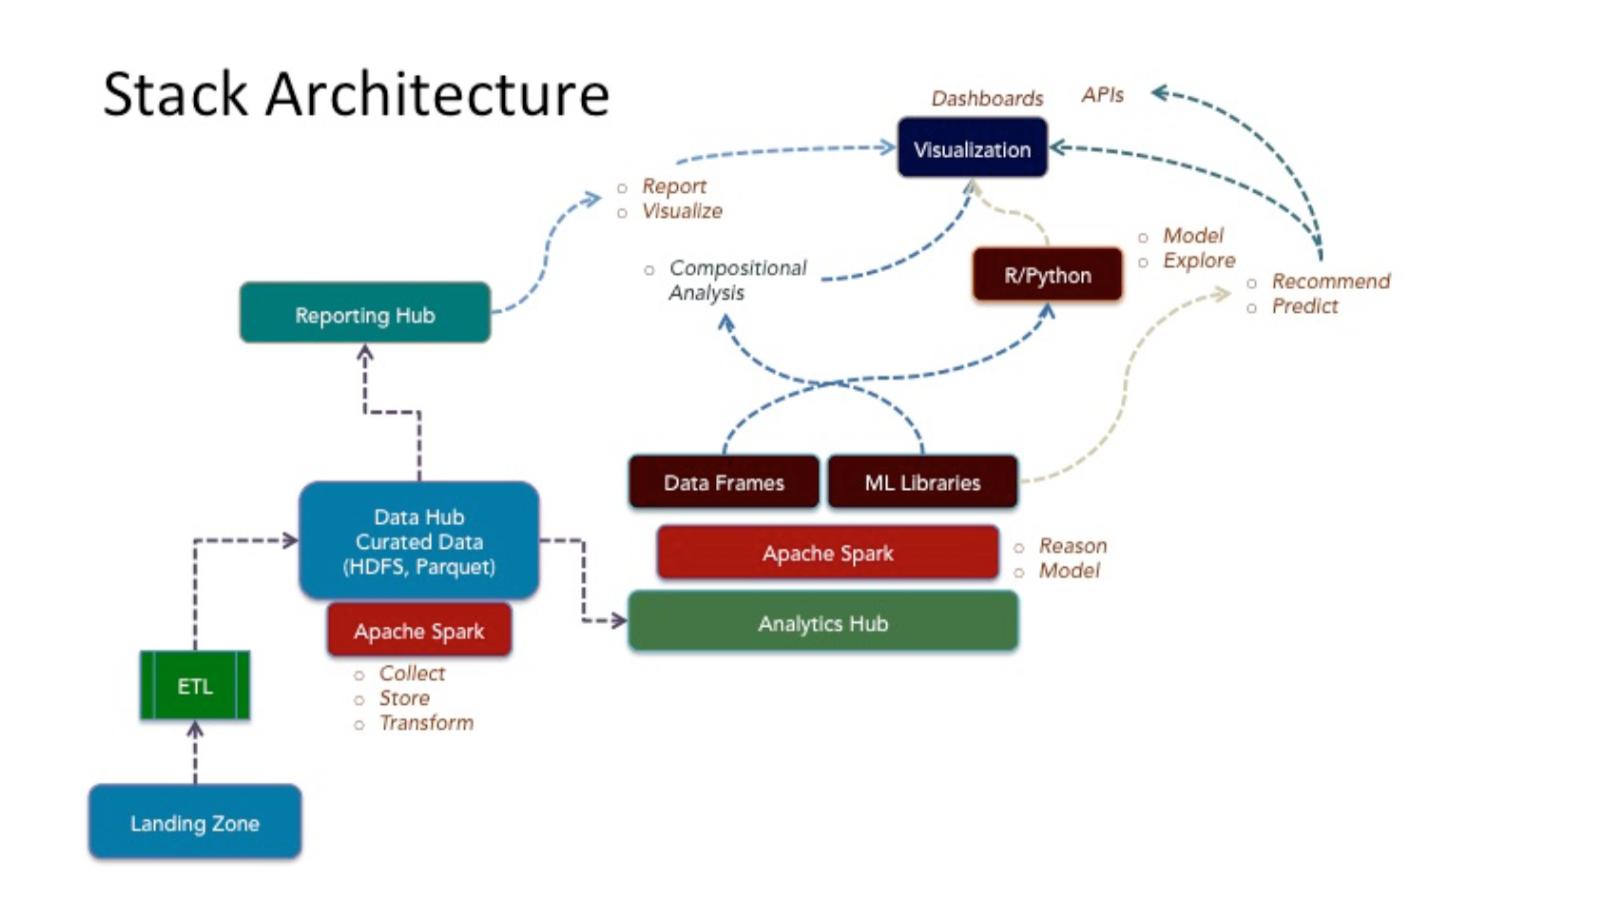 Stack Architecture